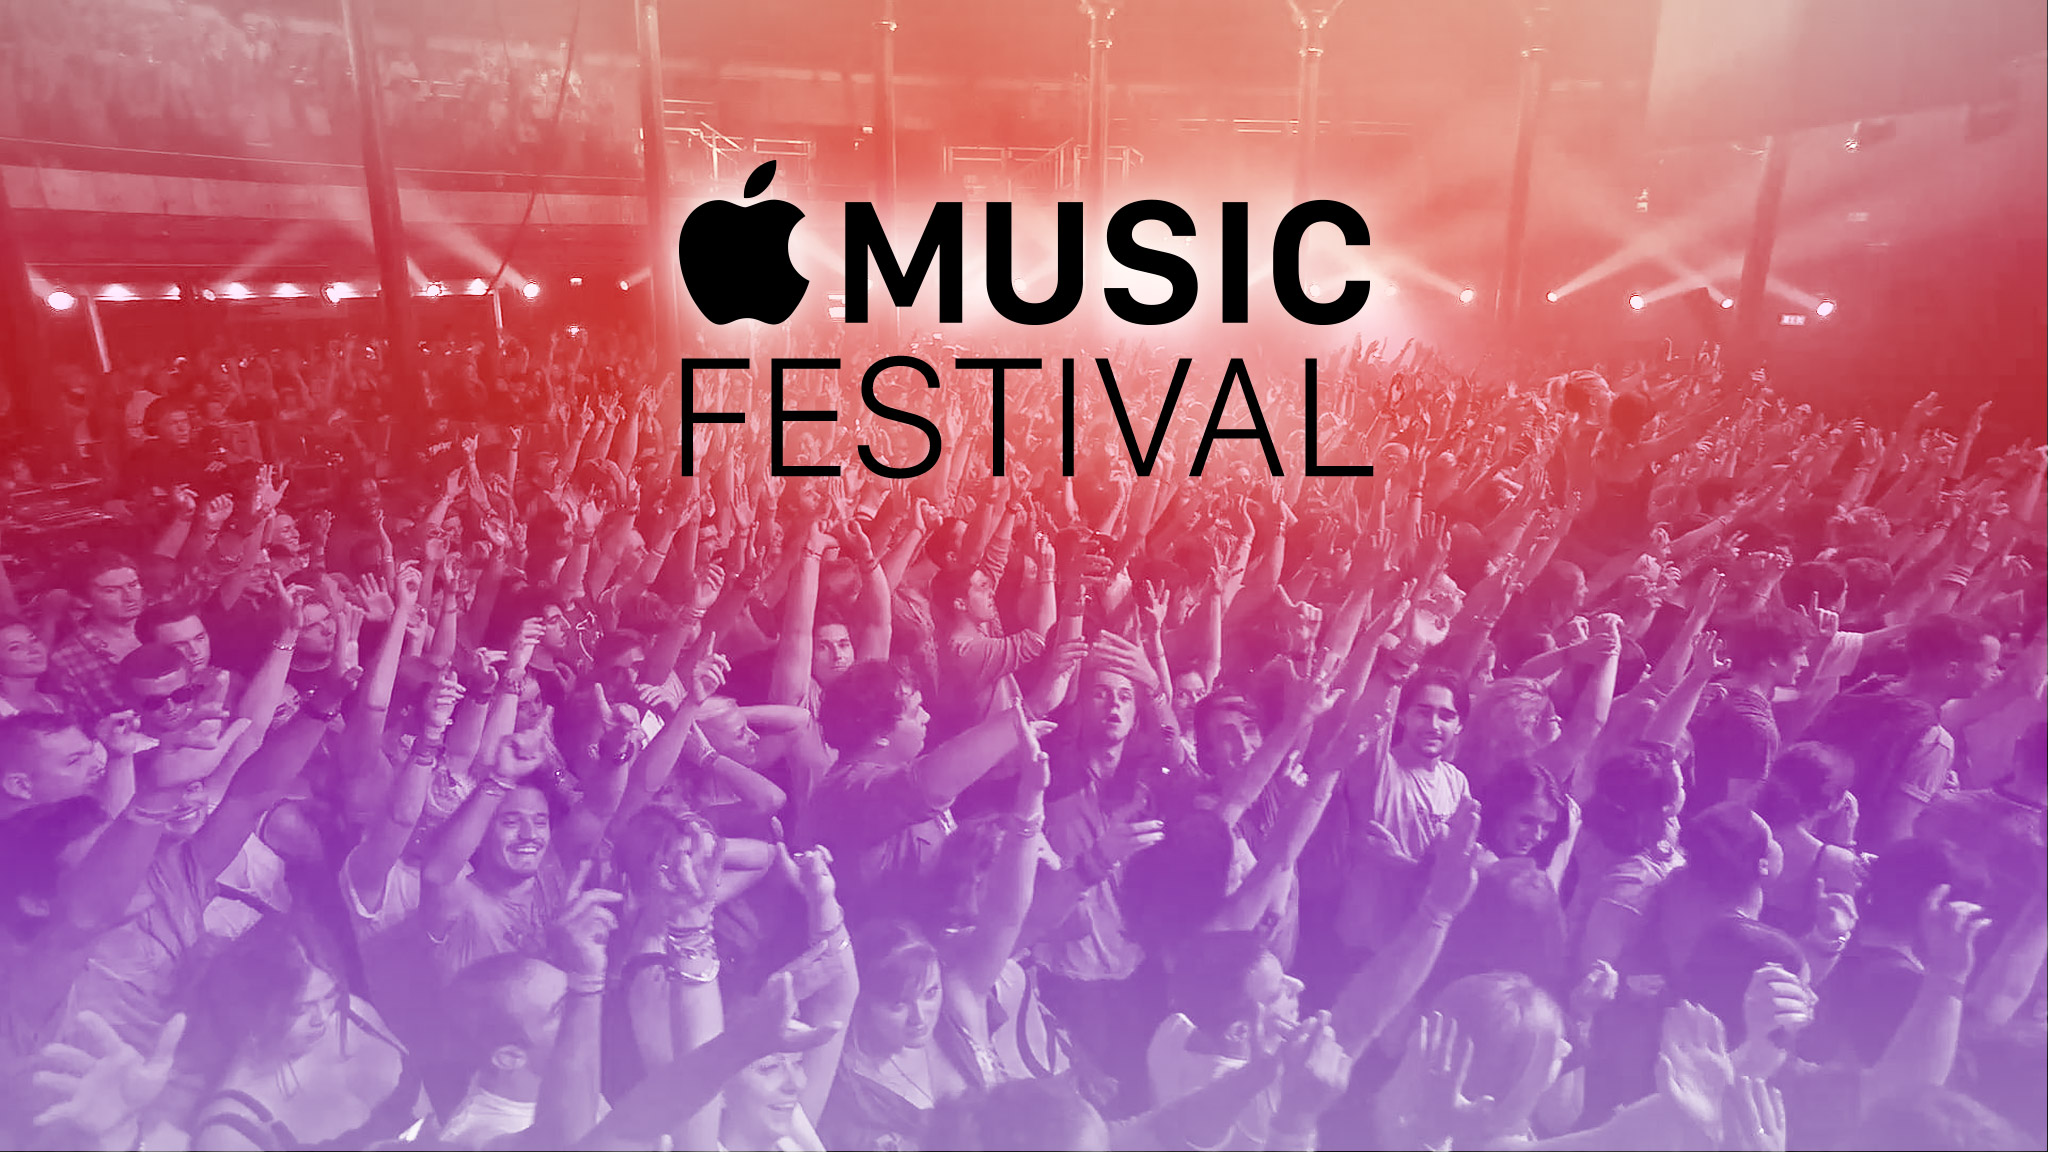 Después de 10 años, Apple decide cancelar el Apple Music Festival